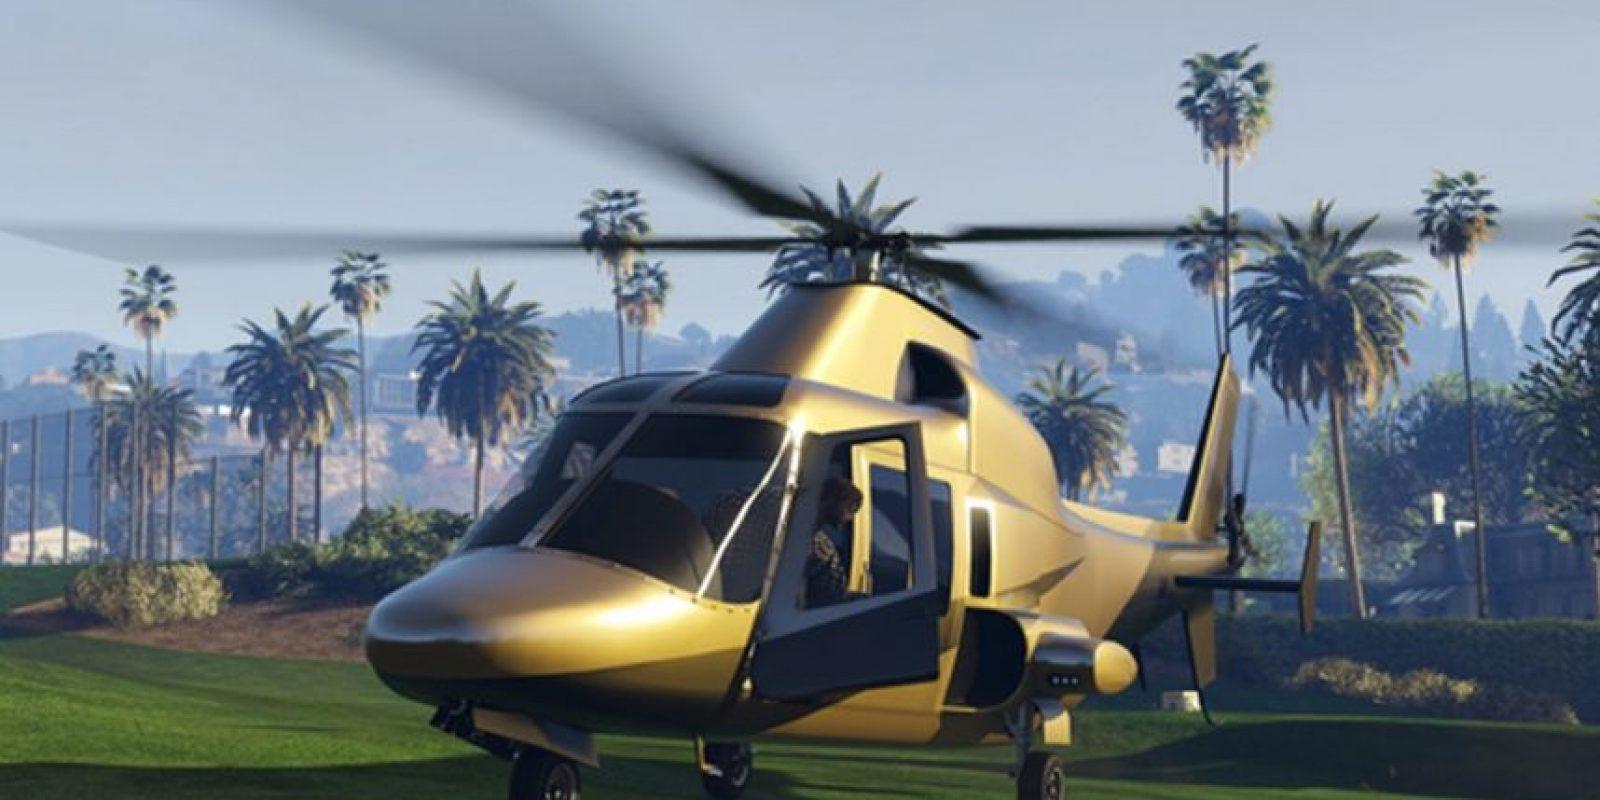 Un helicóptero de oro sólido de Buckingham Swift Deluxe. Foto:Rockstar Games